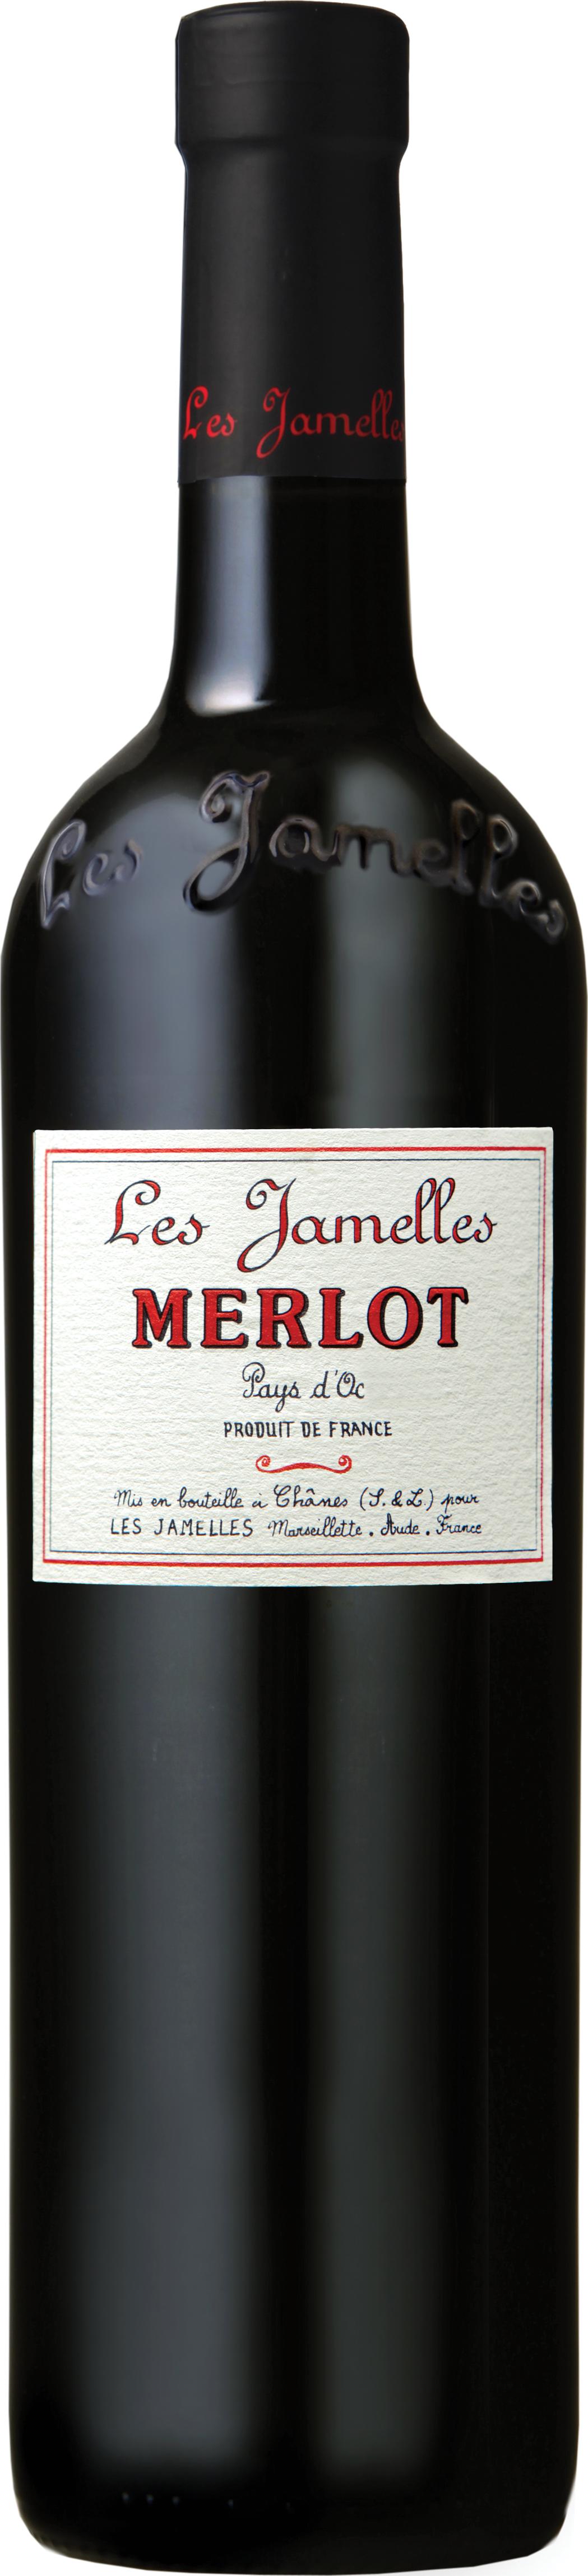 2019 Merlot Pays d´Oc